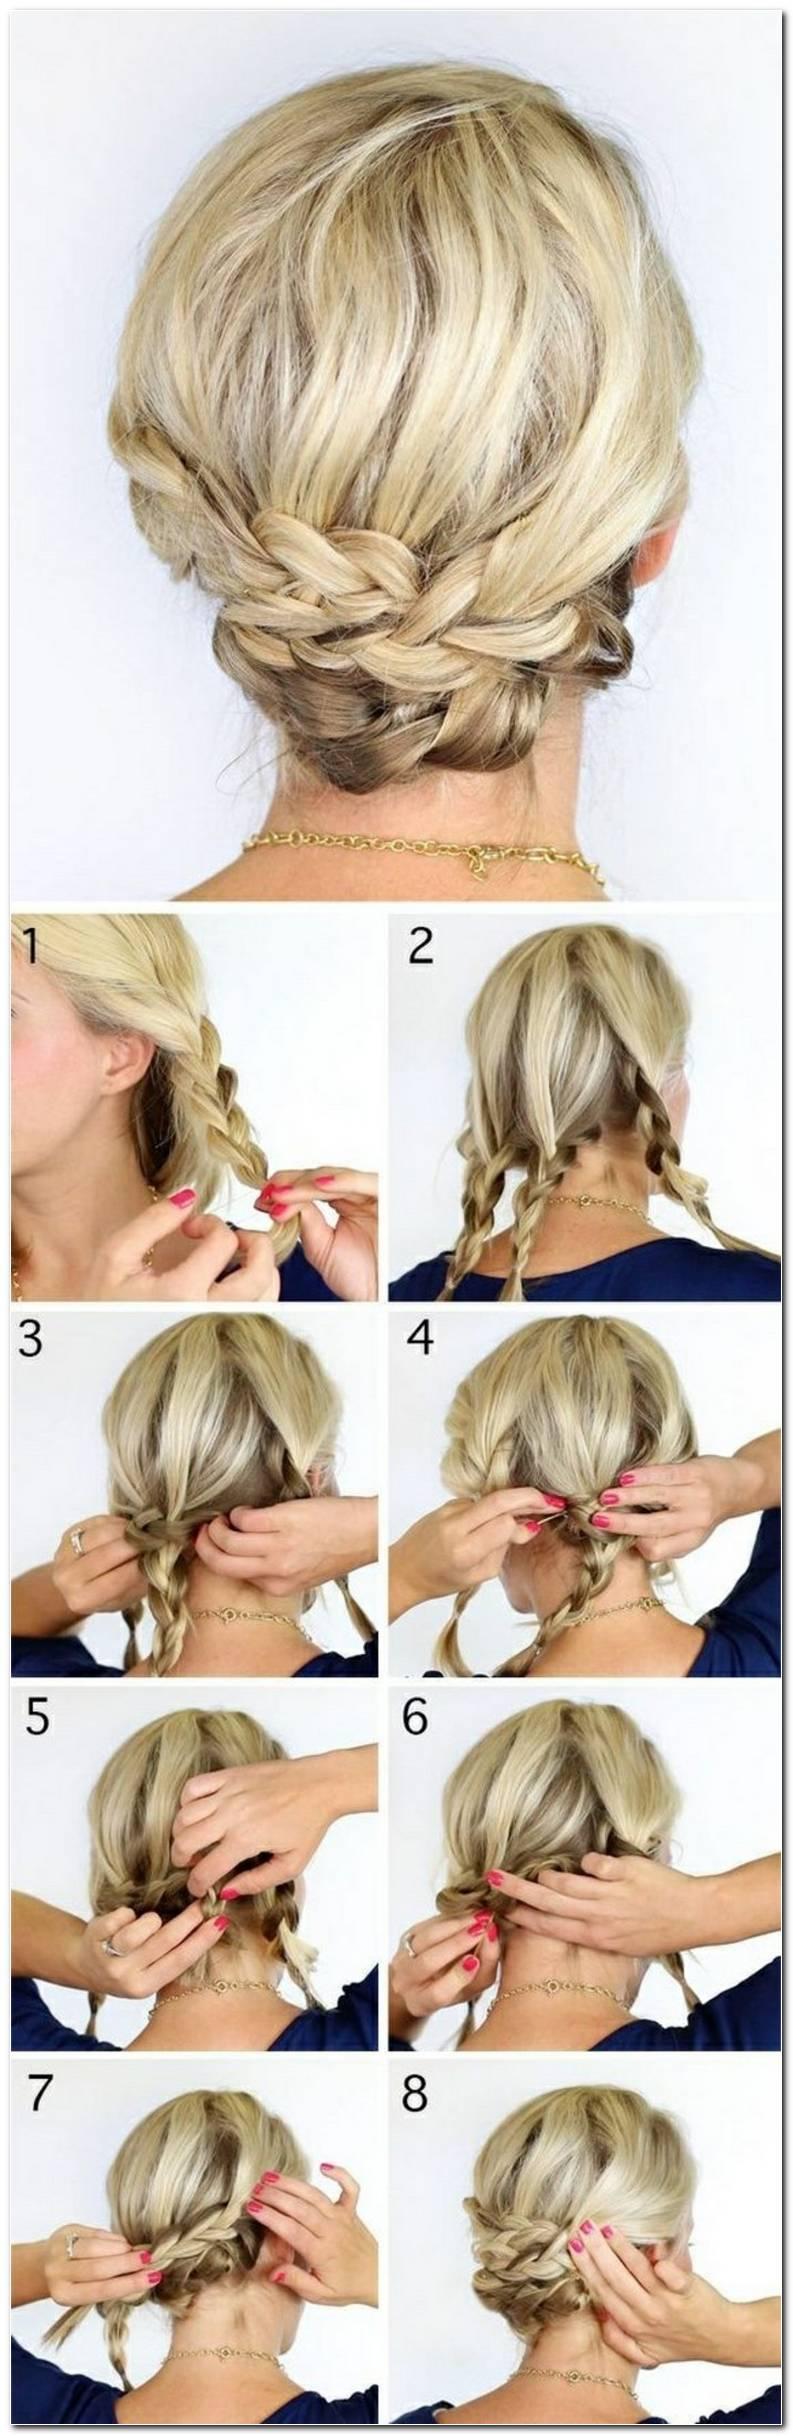 Schnelle Einfache Frisuren FüR Mittellange Haare